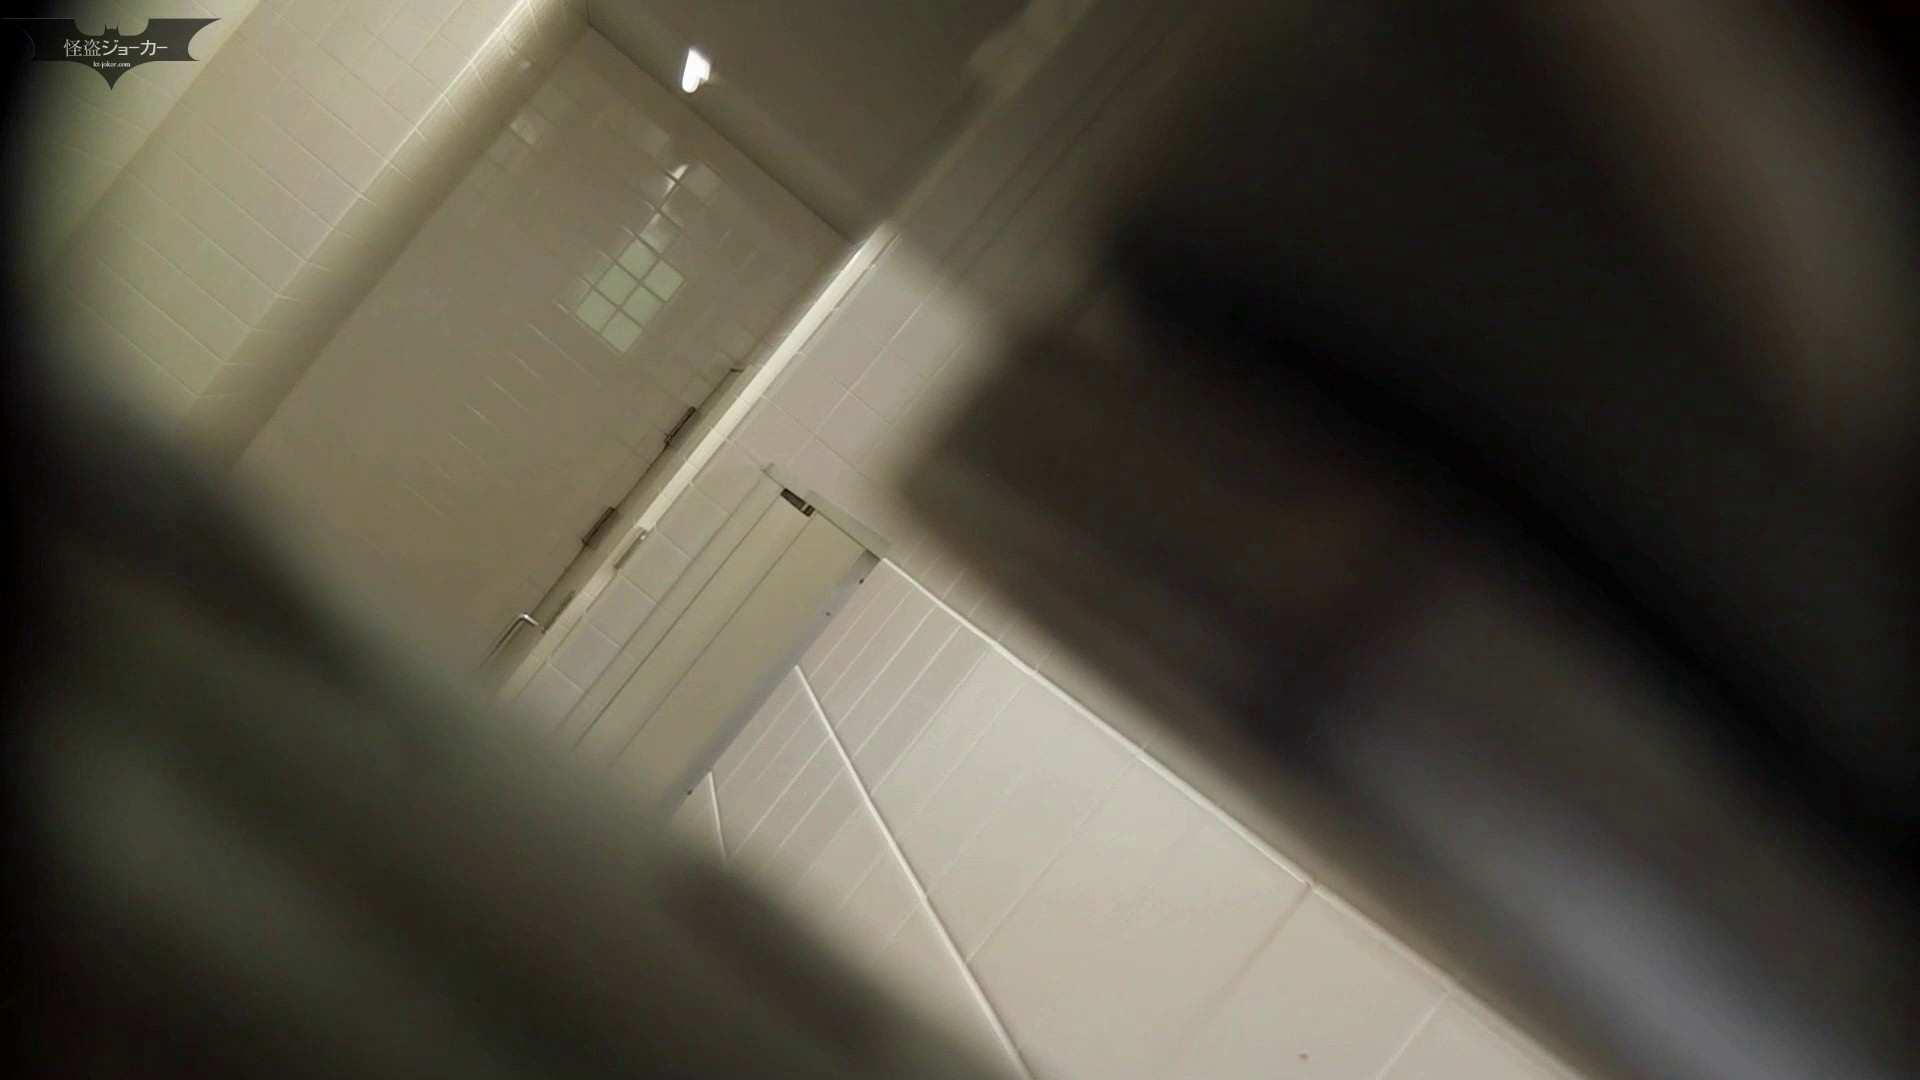 お銀さんの「洗面所突入レポート!!」 vol.51 突入最前線!おまけ付き 高画質 すけべAV動画紹介 105枚 47